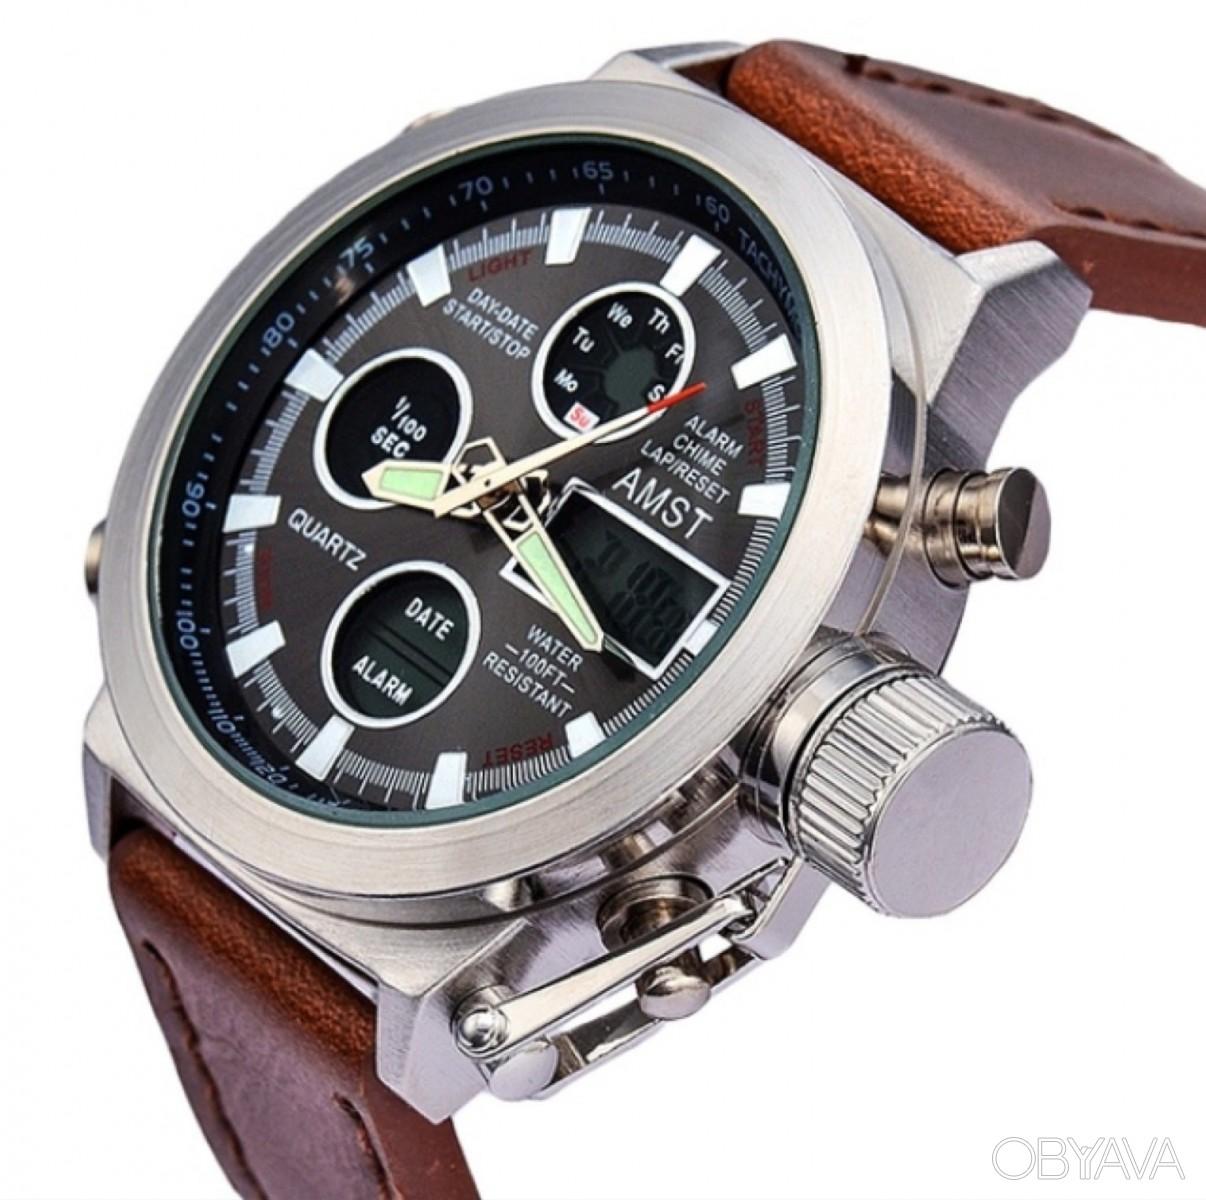 КОНСУЛЬТАНТУ армейские часы amst оригинал купить в представлены необычном стильном